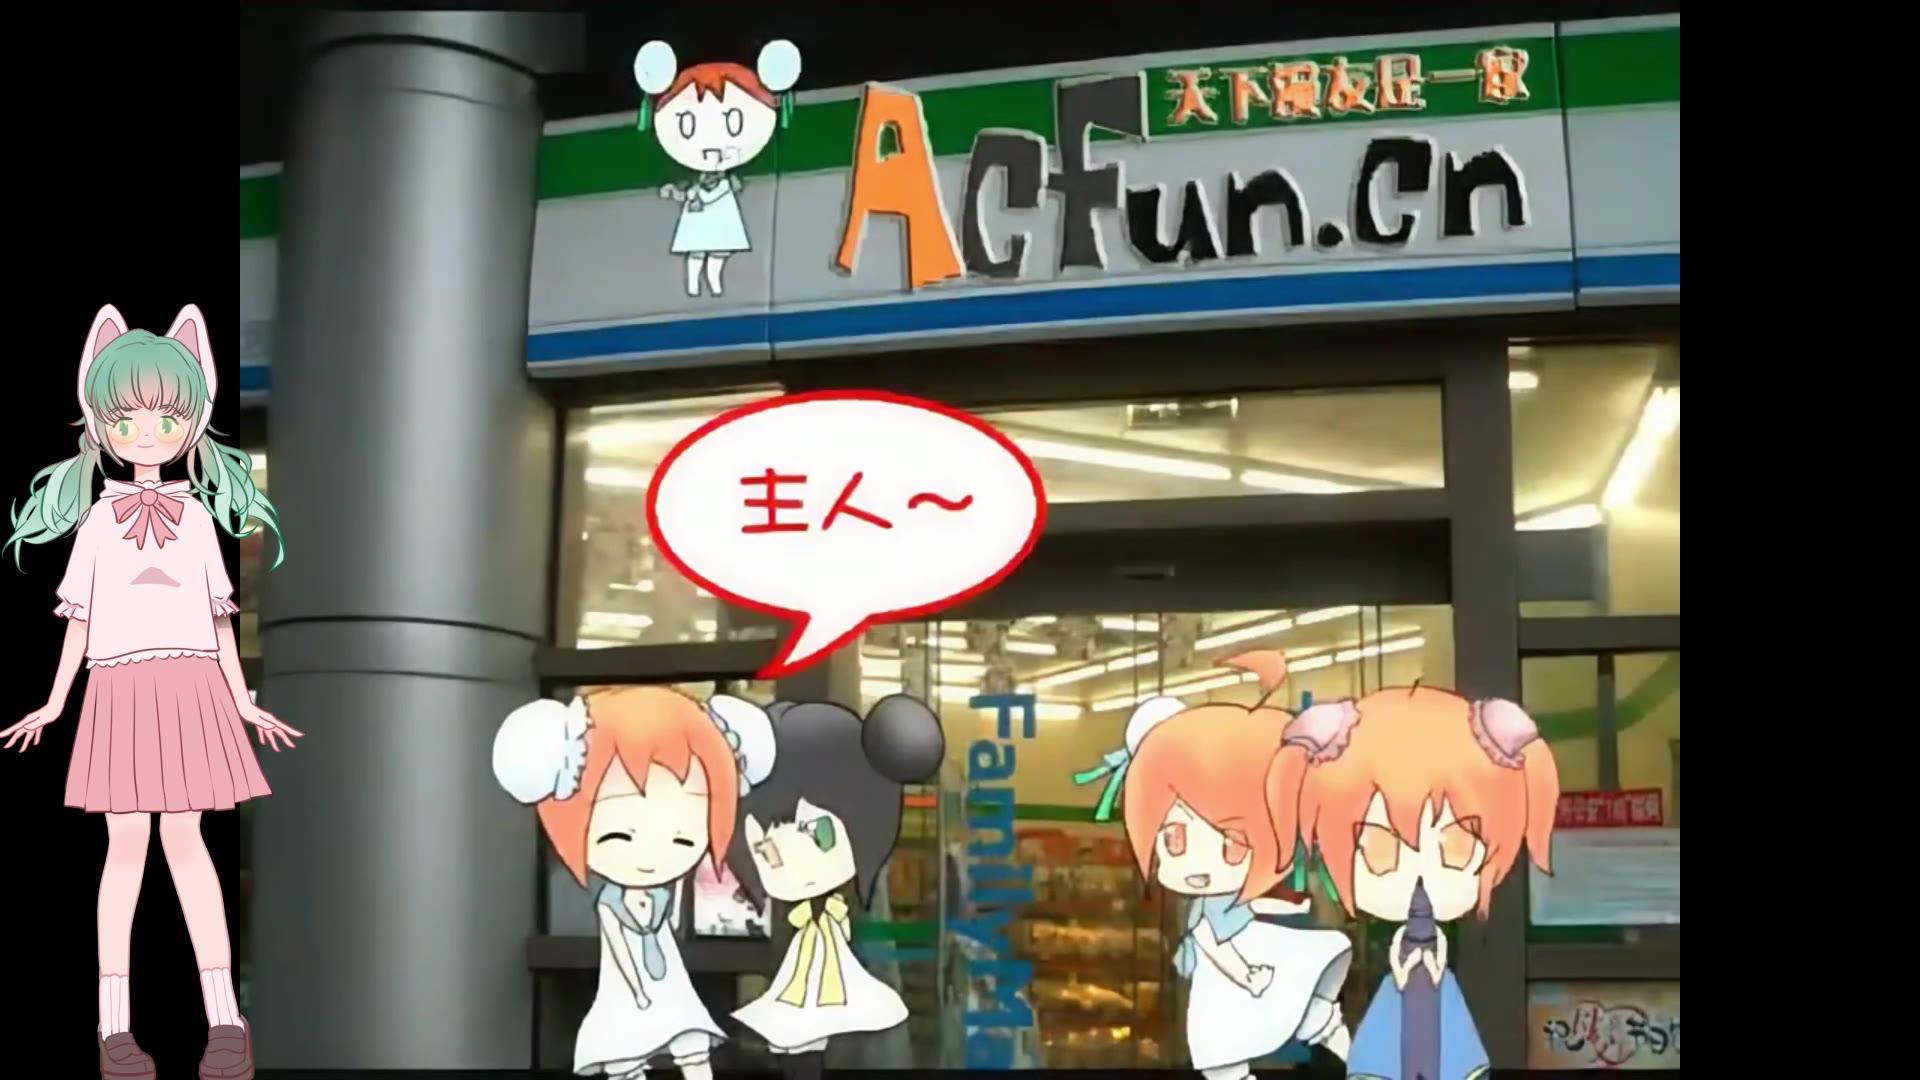 【超A新生计划】AcFun入站歌唱唱看:-p【AC梗百科】